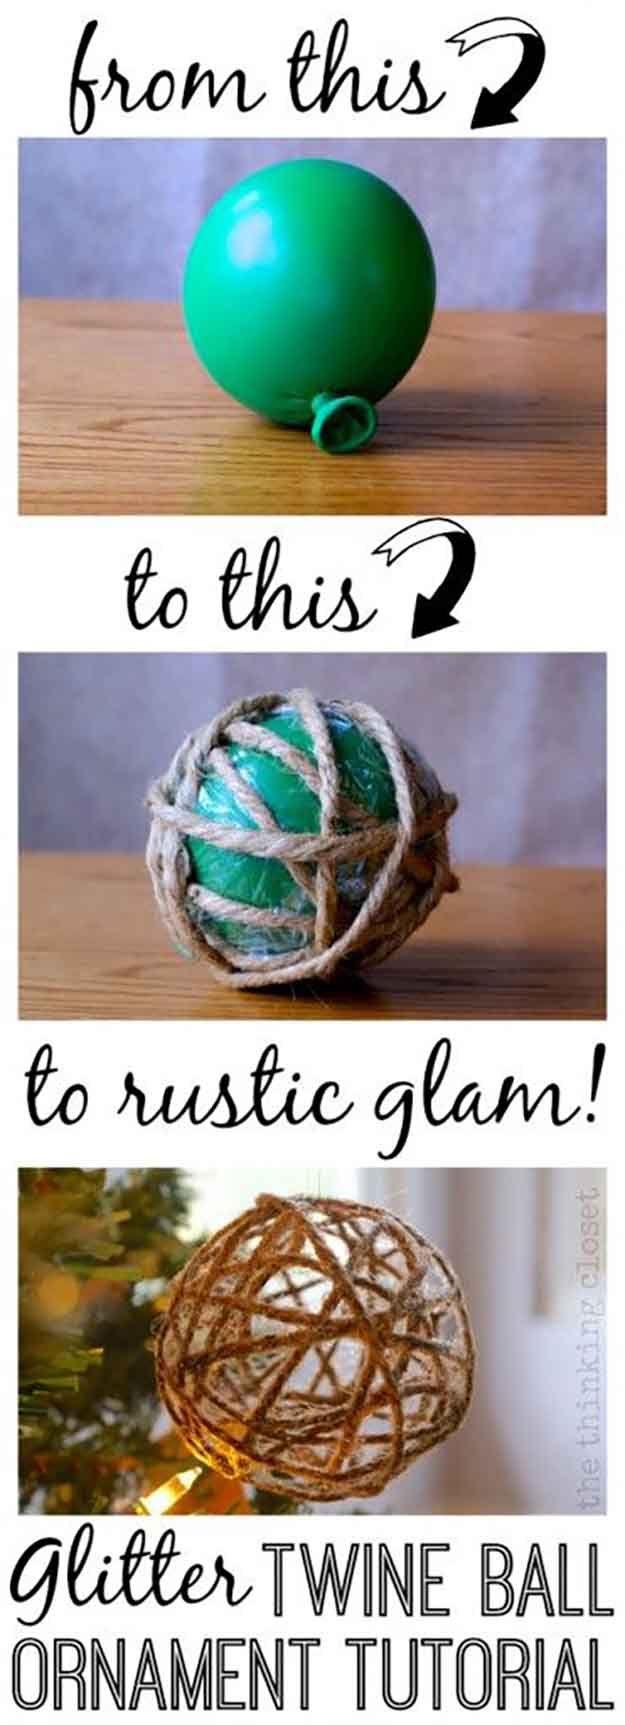 DIY Glitter Twine Ball de ornamento Tutorial | 27 espectacularmente DIY fácil ornamentos de navidad, ver más en http://artesaniasdebricolaje.ru/spectacularly-easy-diy-ornaments-for-your-christmas-tree